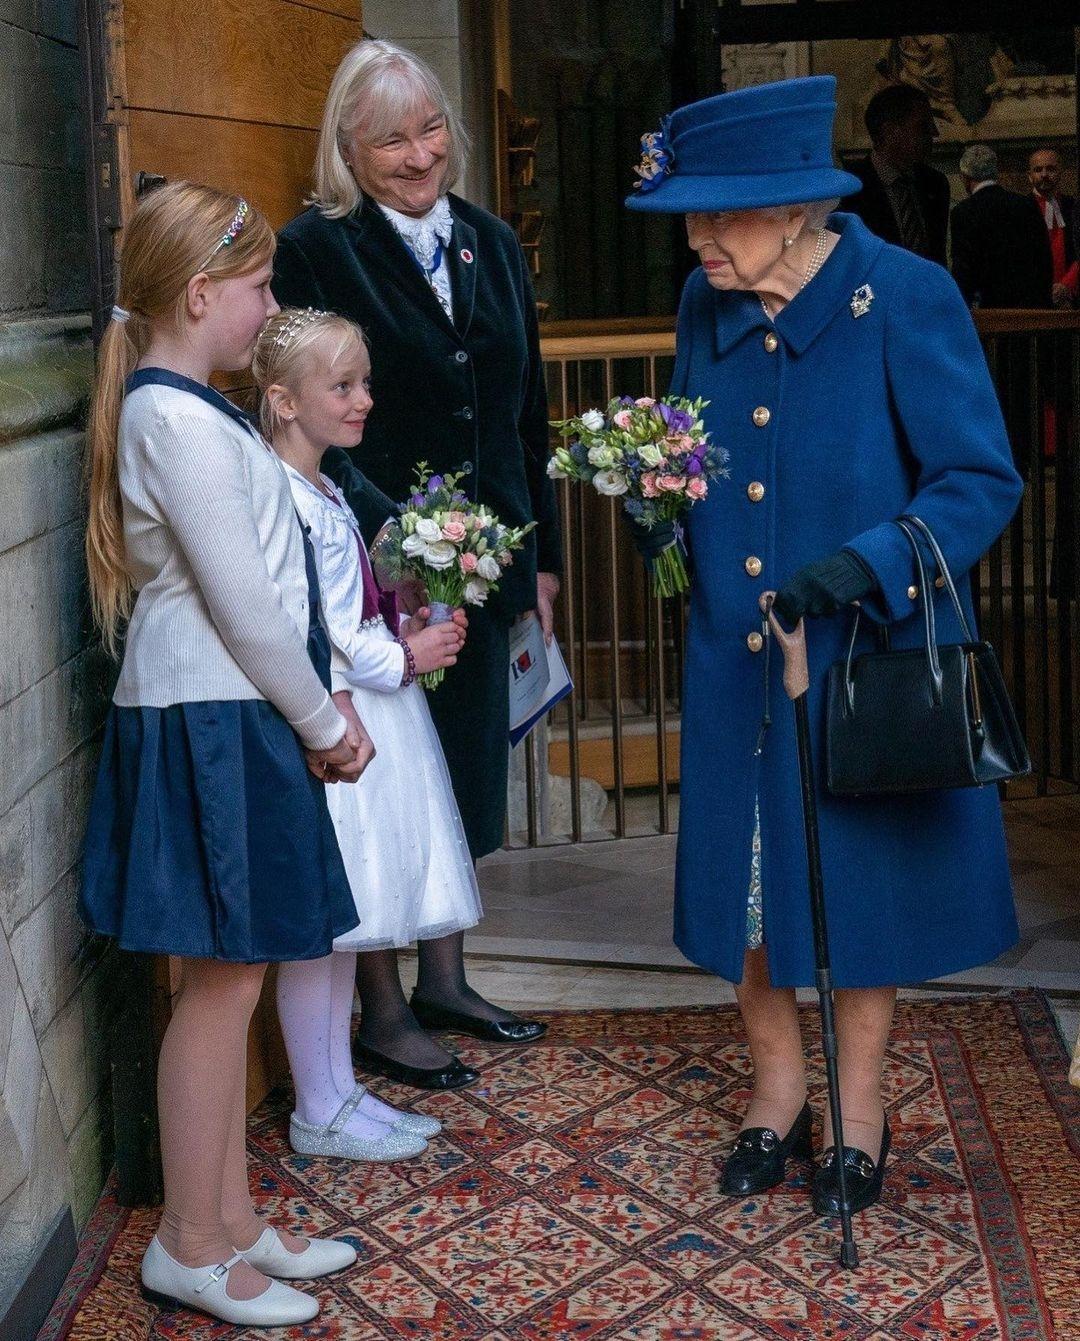 Королева Елизавета впервые появилась на публике с тростью (ФОТО) - фото №1